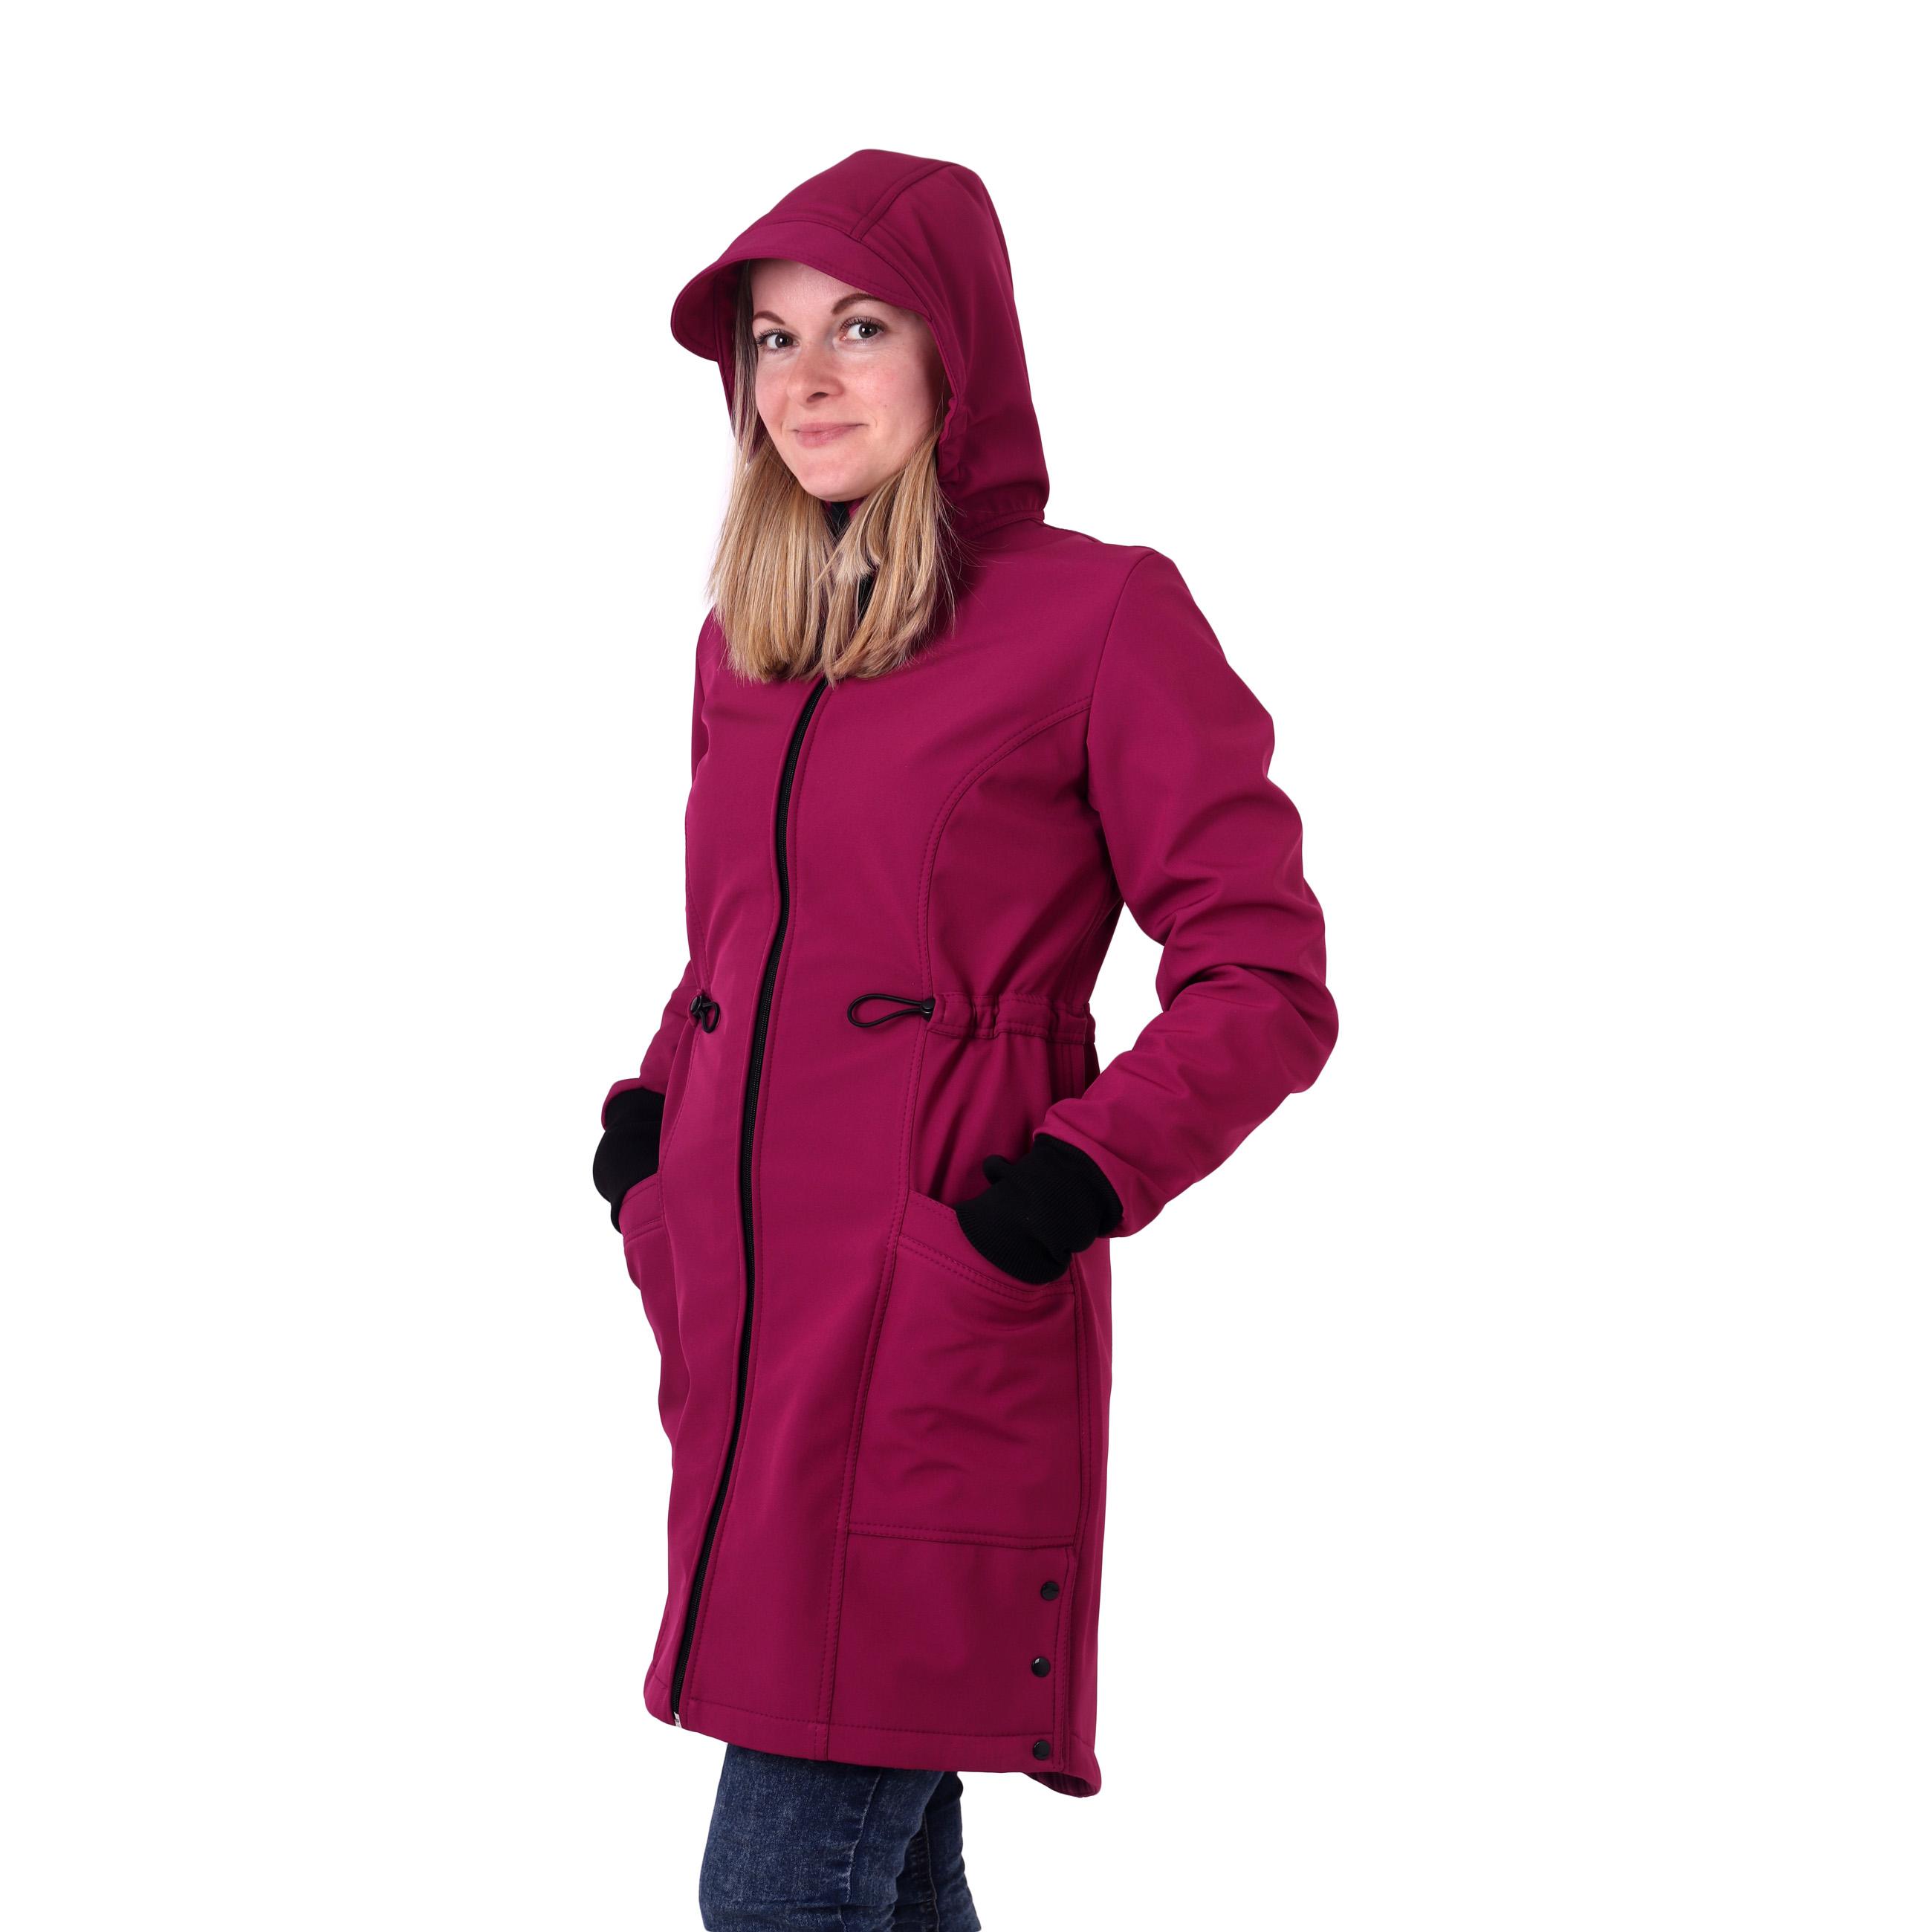 Dámský softshellový kabát hana, fuchsiový, xl